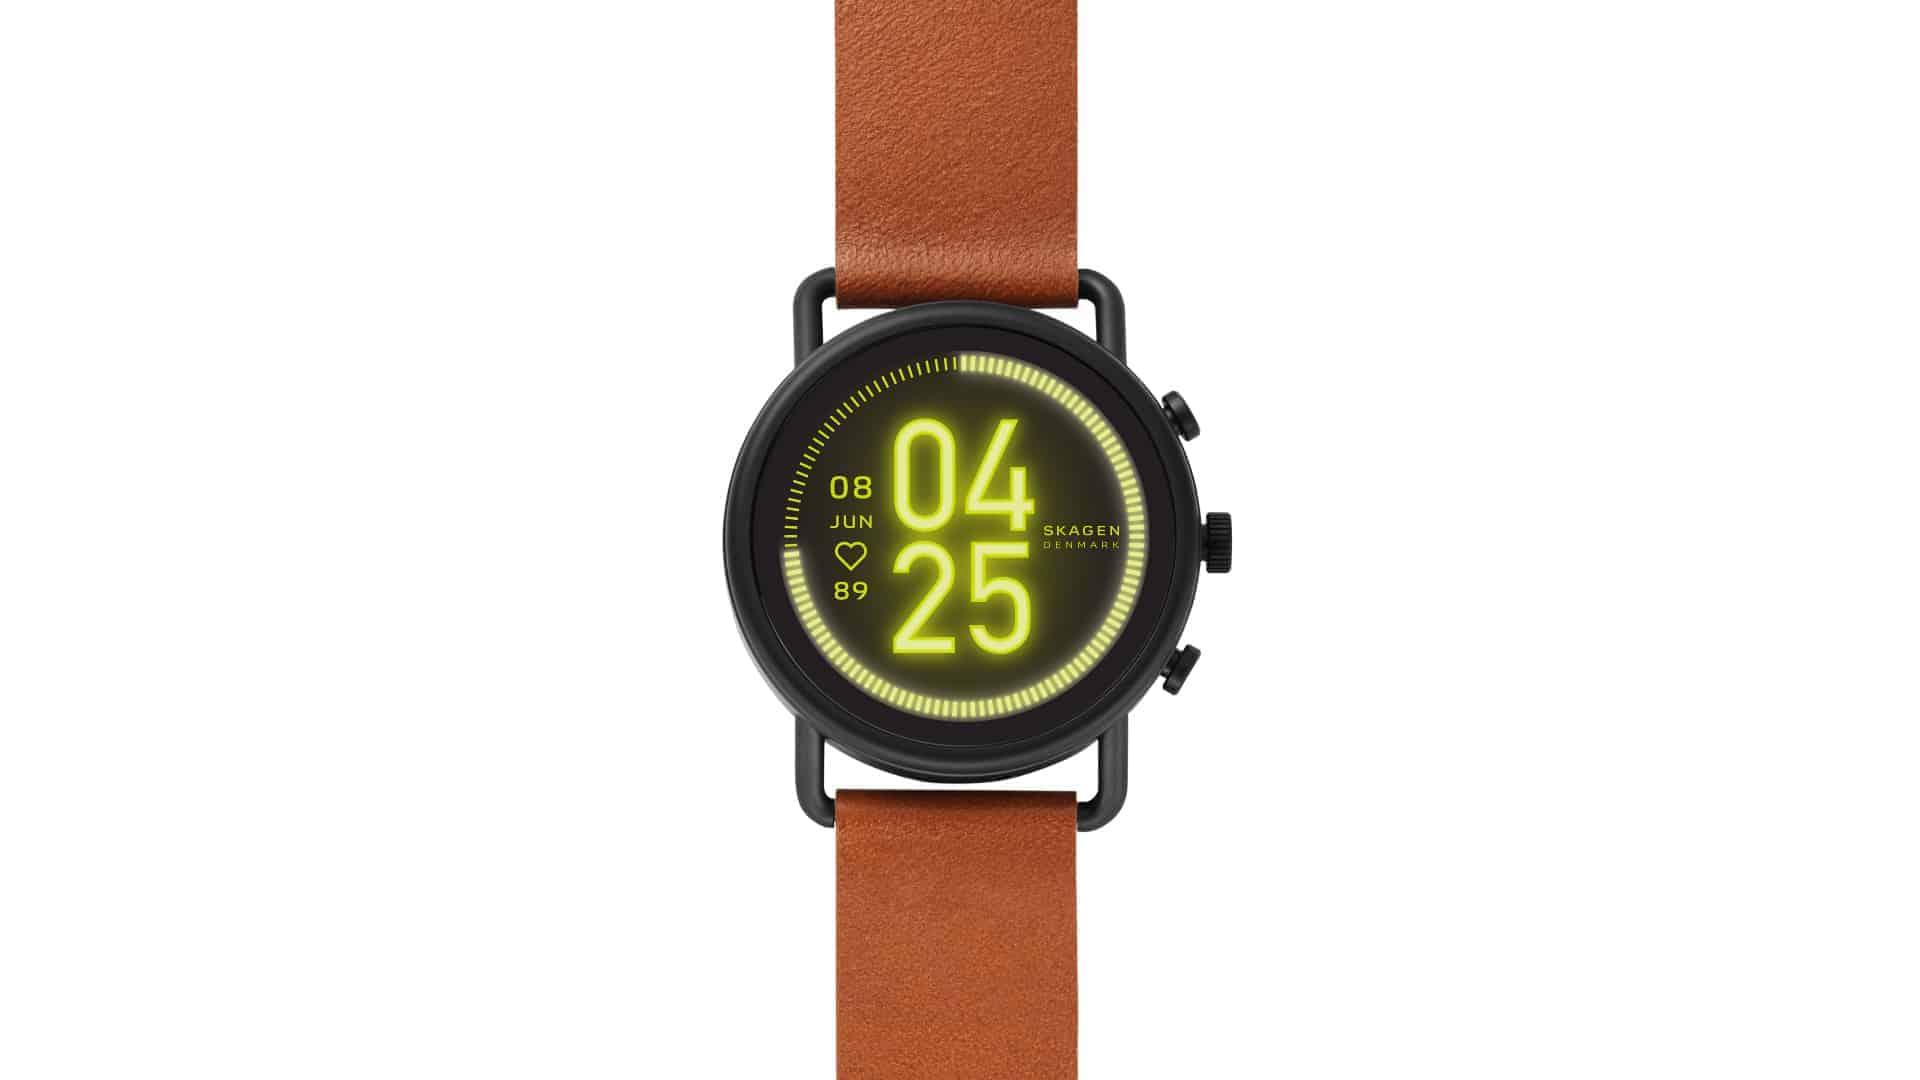 SKAGEN Falster 3 Wear OS Watch 9